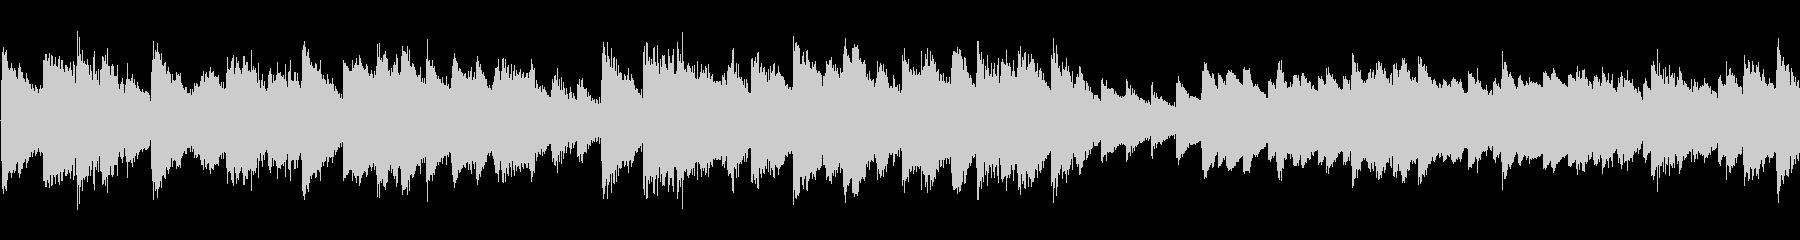 強弱の激しいタッチのソロピアノの未再生の波形